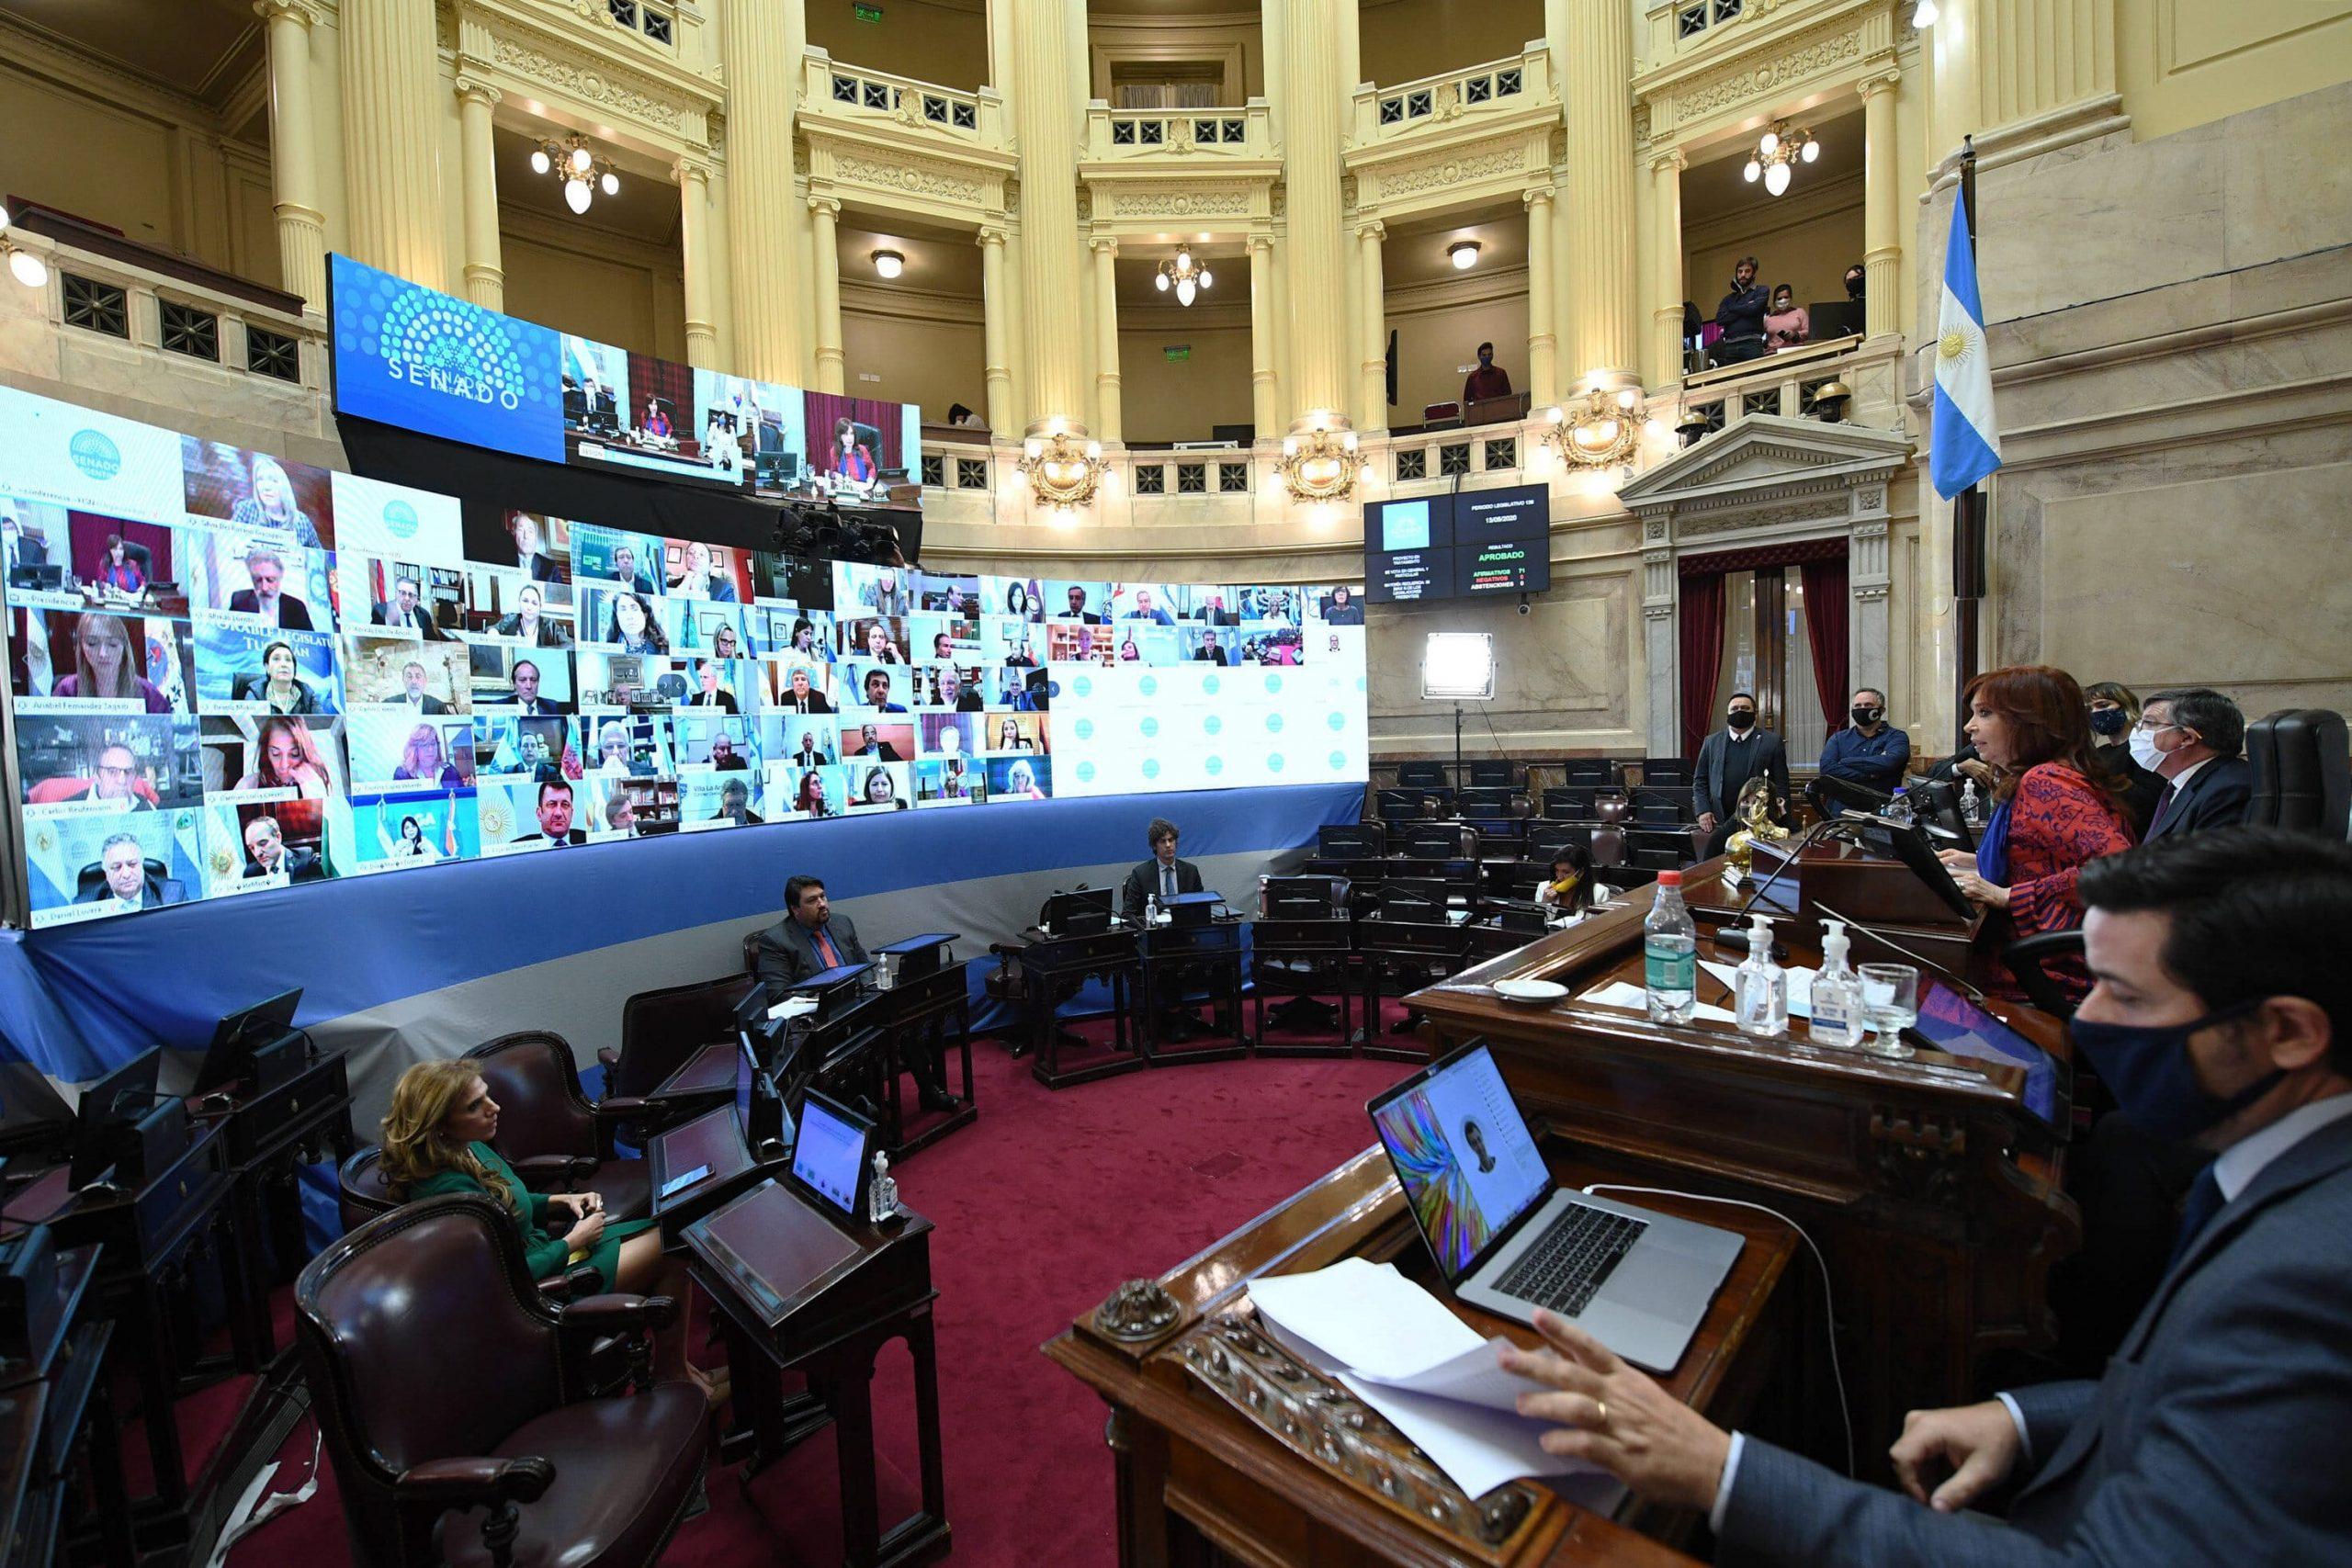 El Senado sesionará mañana por videconferencia con agenda relacionada a la pandemia